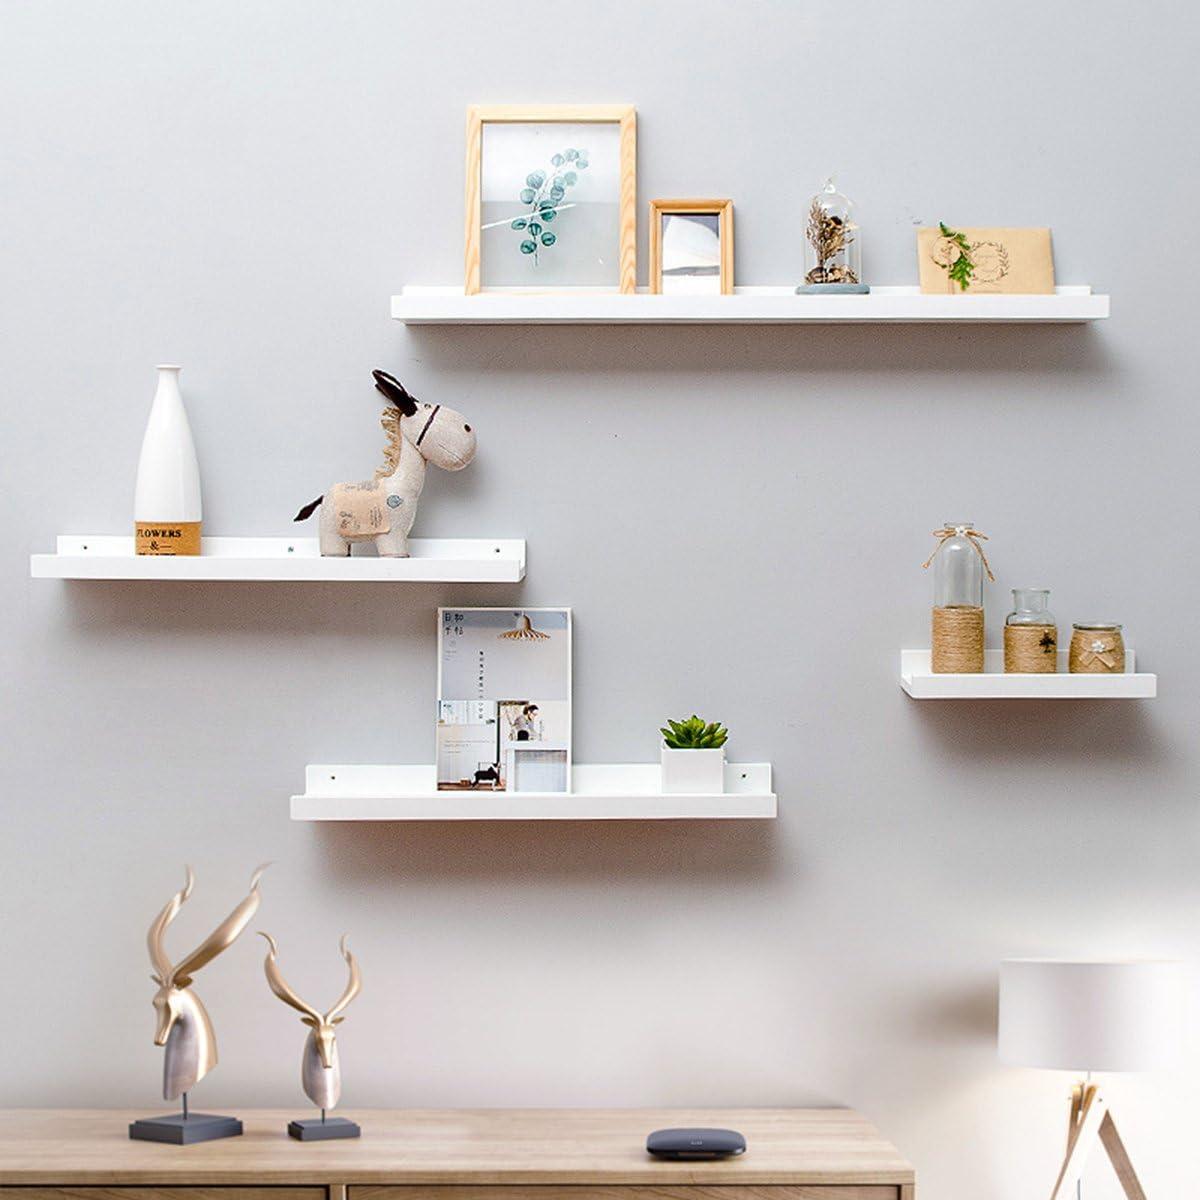 Blanco OUNONA Estanterias de pared flotantes para decoraci/ón de pared hogar